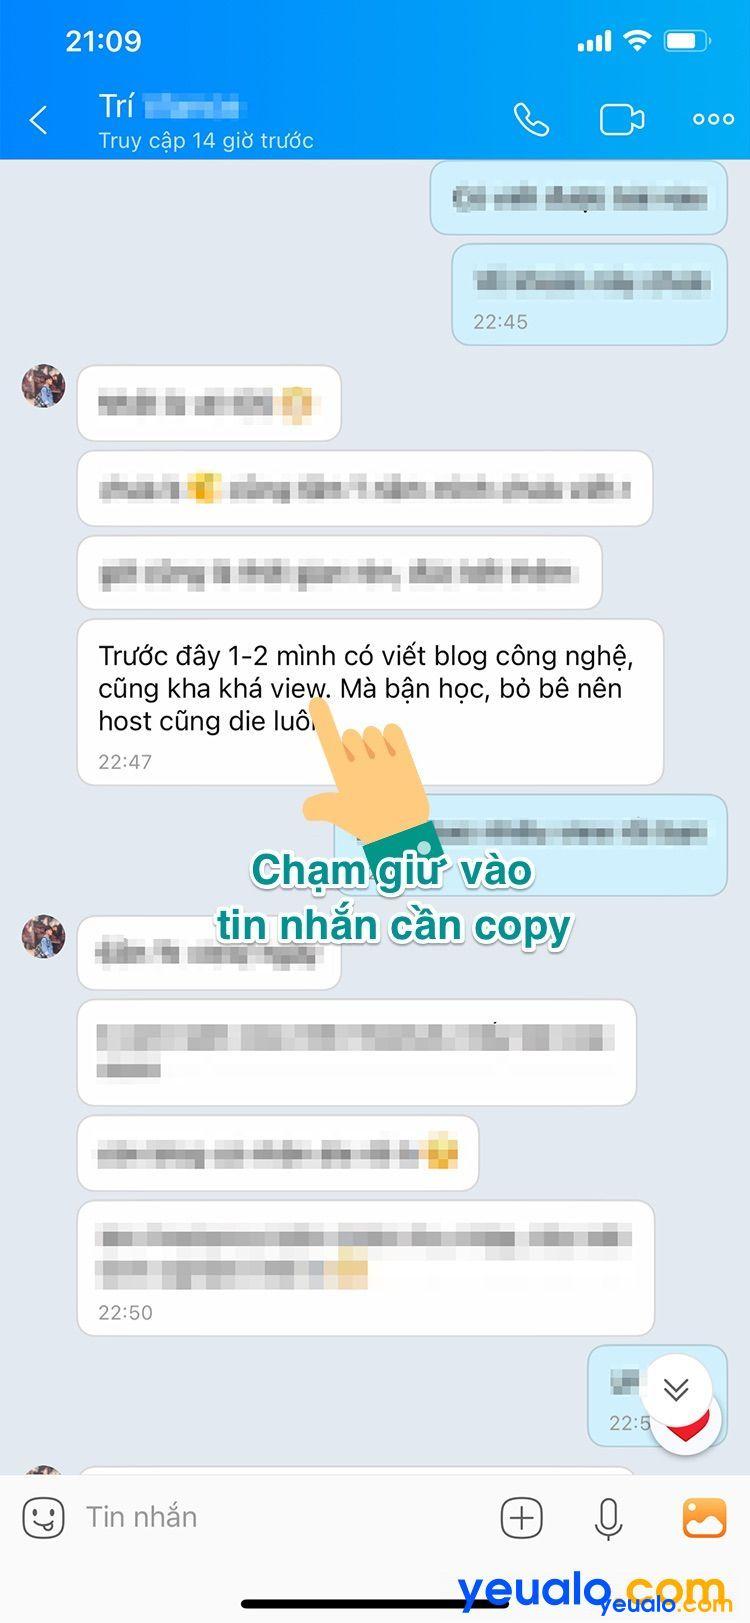 Cách copy tin nhắn trên Zalo